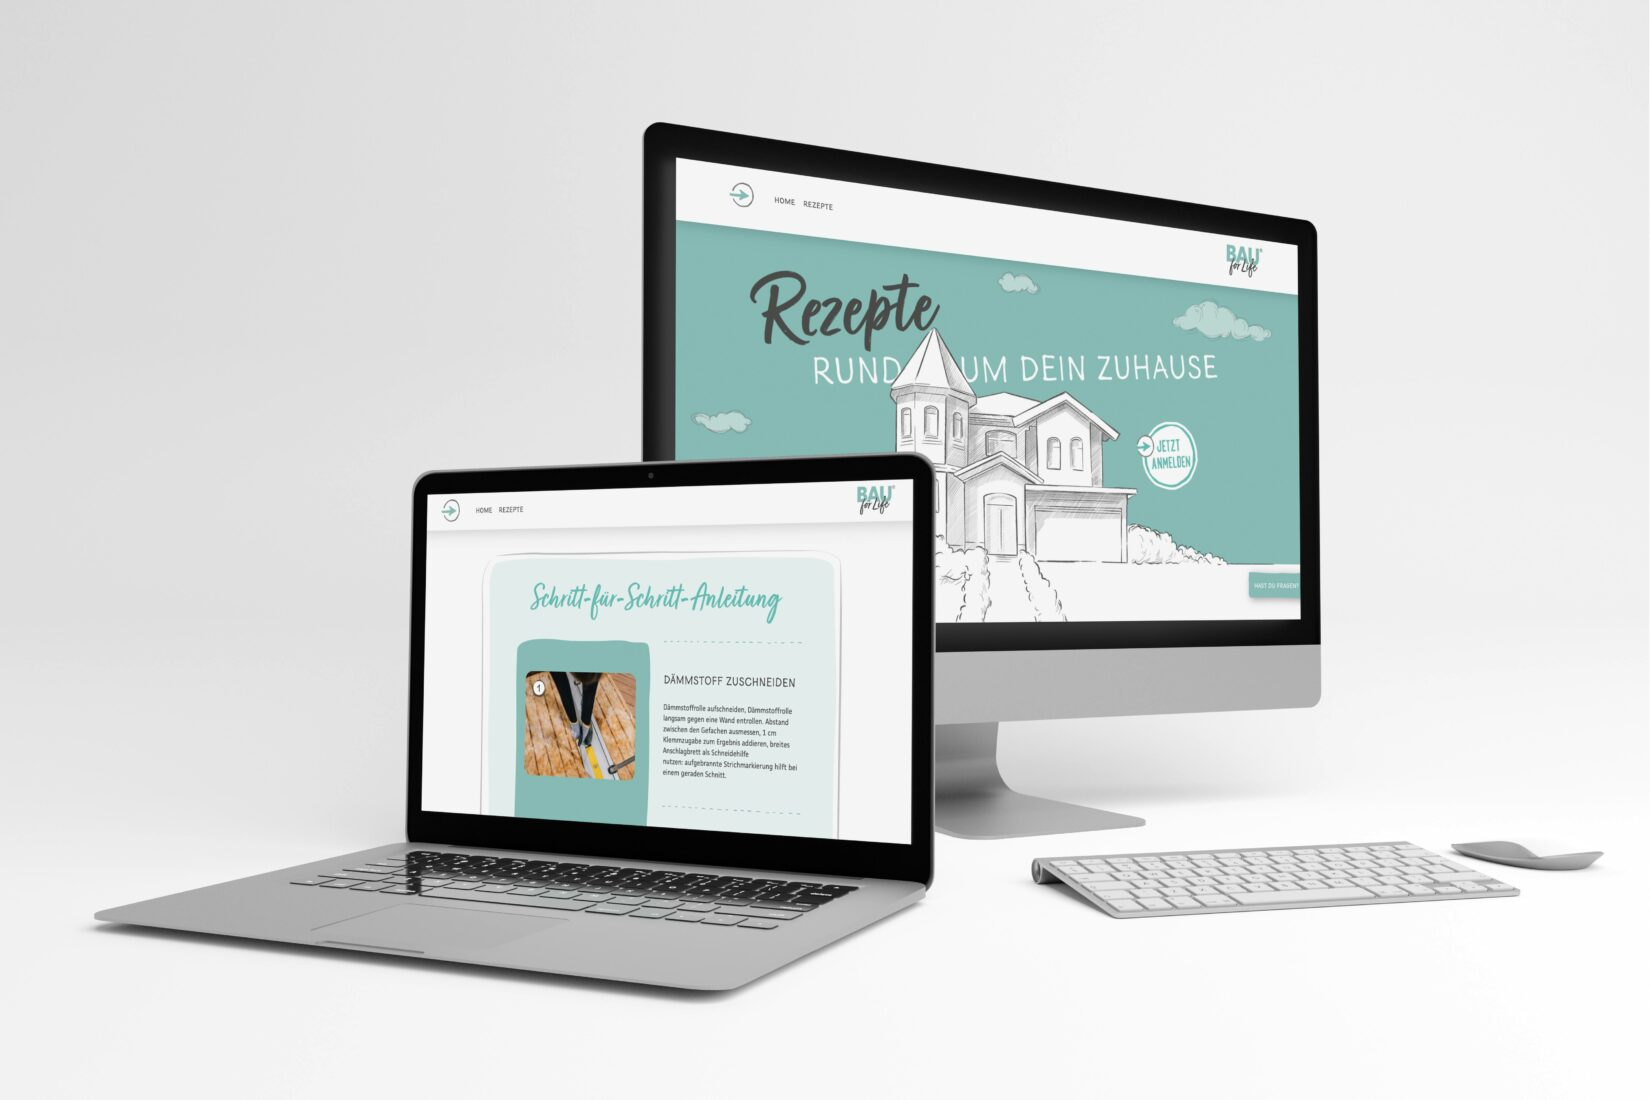 Die Website bietet Tipps und Anleitungen für Privatkunden. Foto: Bauking GmbH